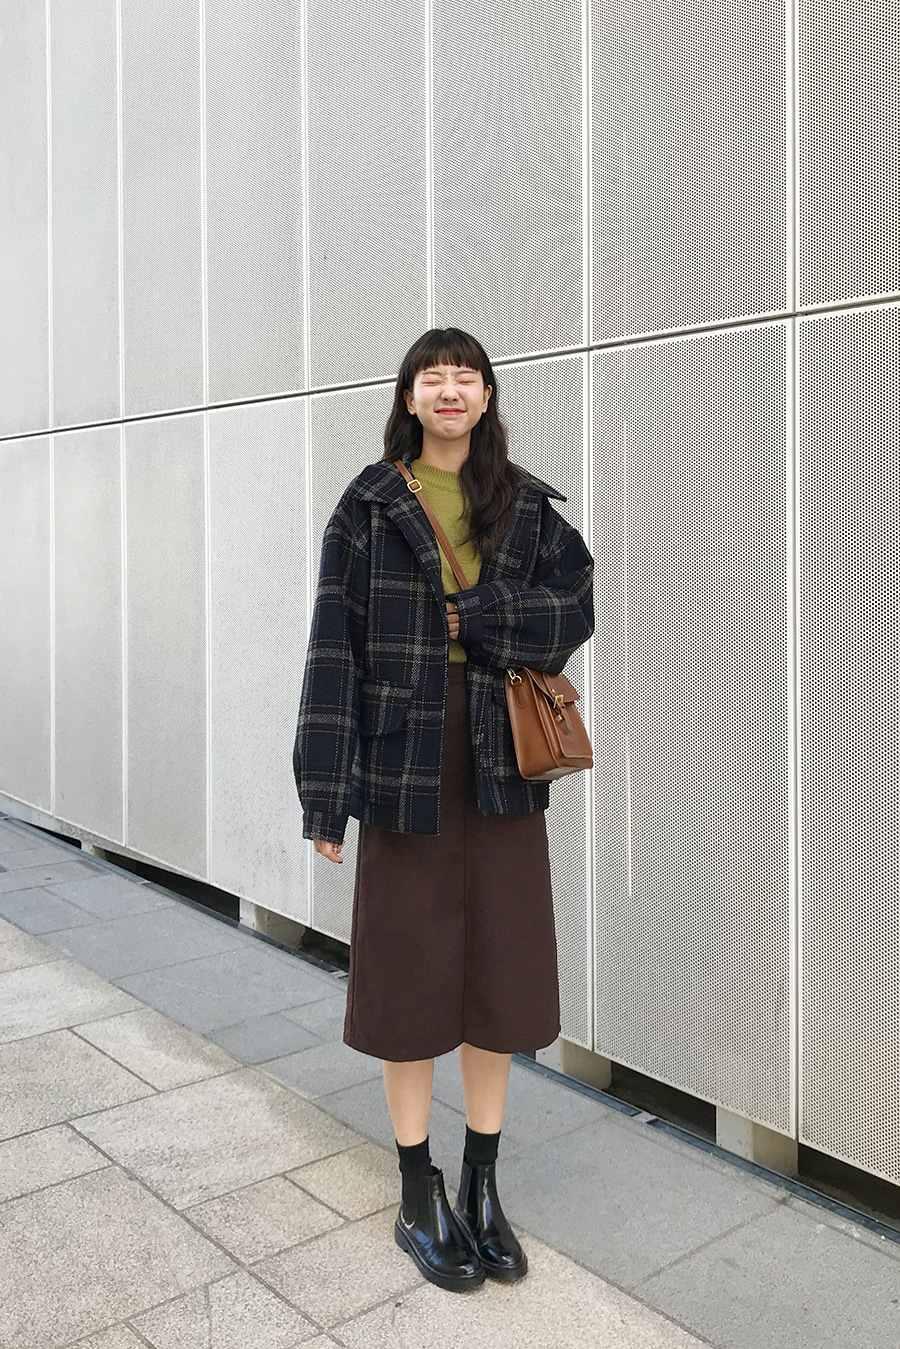 以上就是韓妞們的秋冬裙裝穿搭攻略,其實裡面的單品大家也可以互相變換搭配試試看,希望今年秋冬大家都能像韓妞一樣穿著美美的裙裝,自信的走在街頭啦~